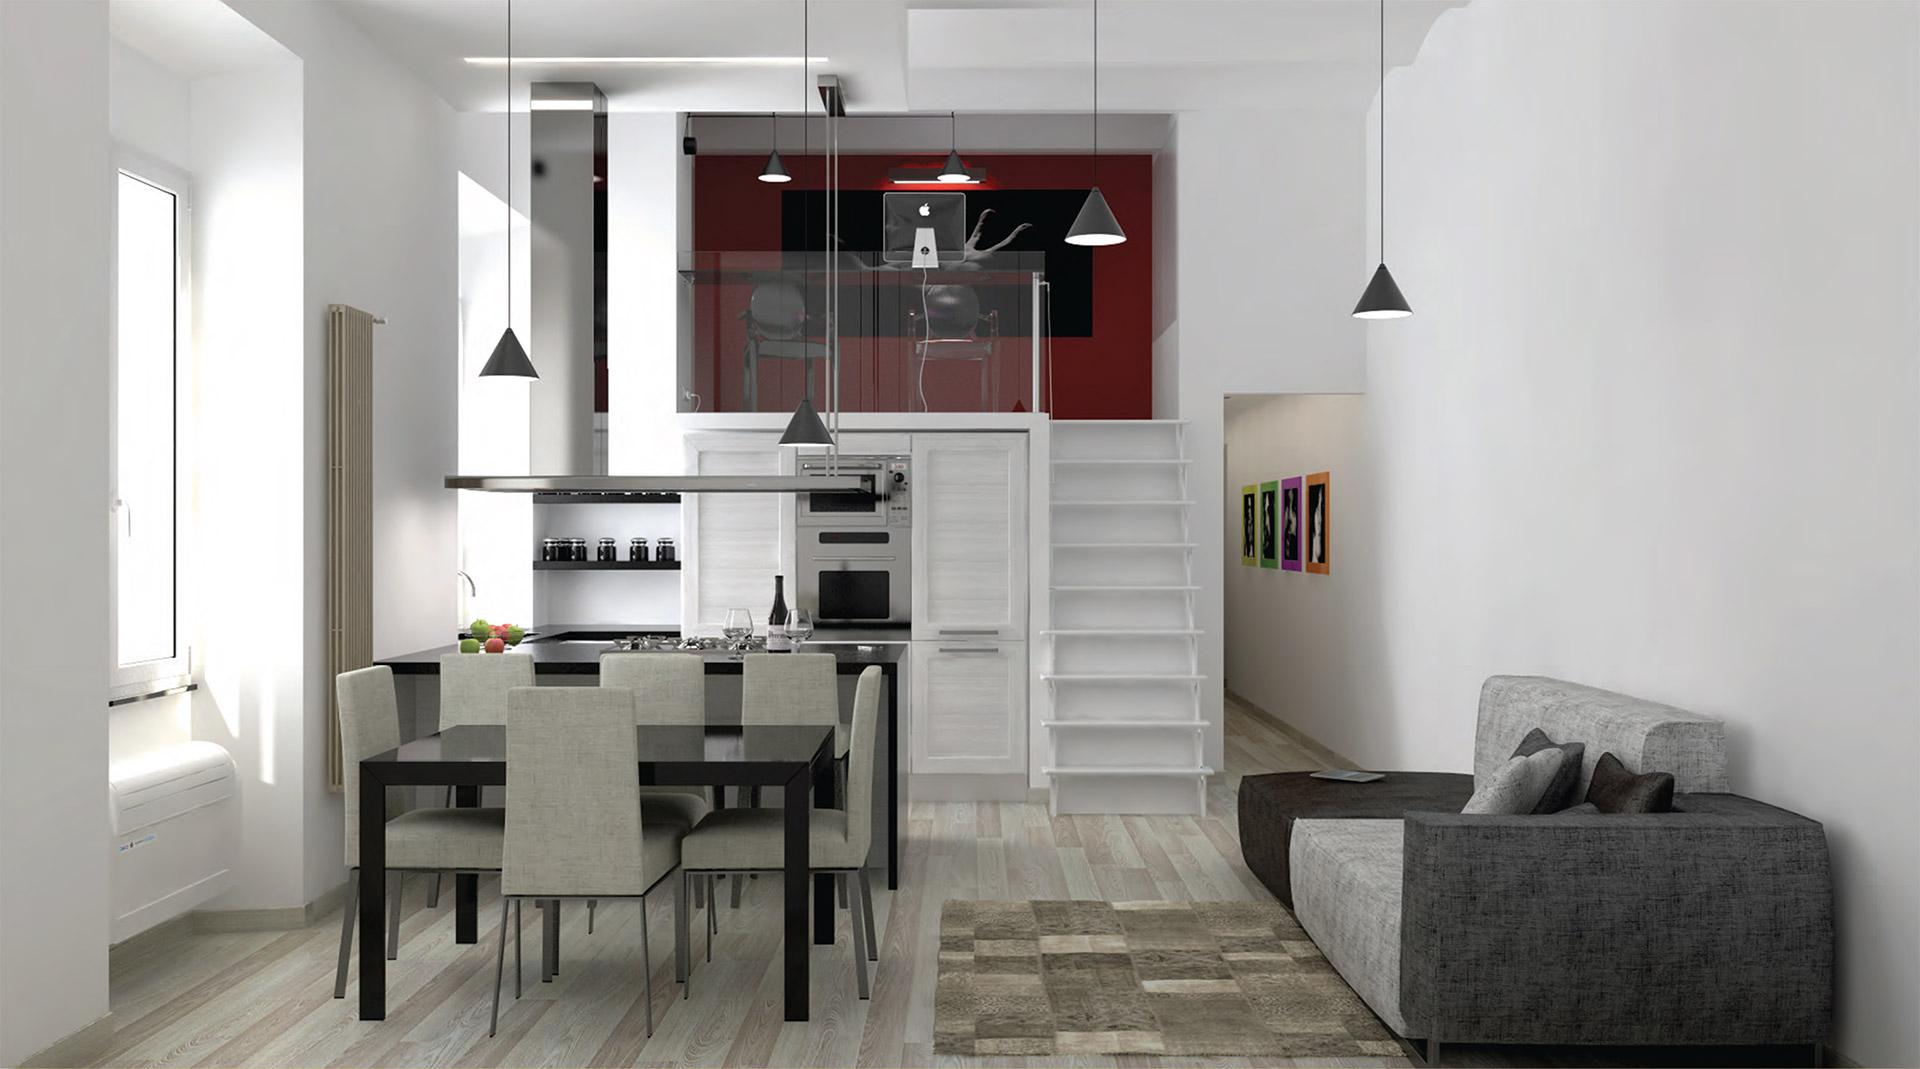 Micada-Group_2016-Appartamento-San-Lorenzo-Ristrutturazione_02.jpg